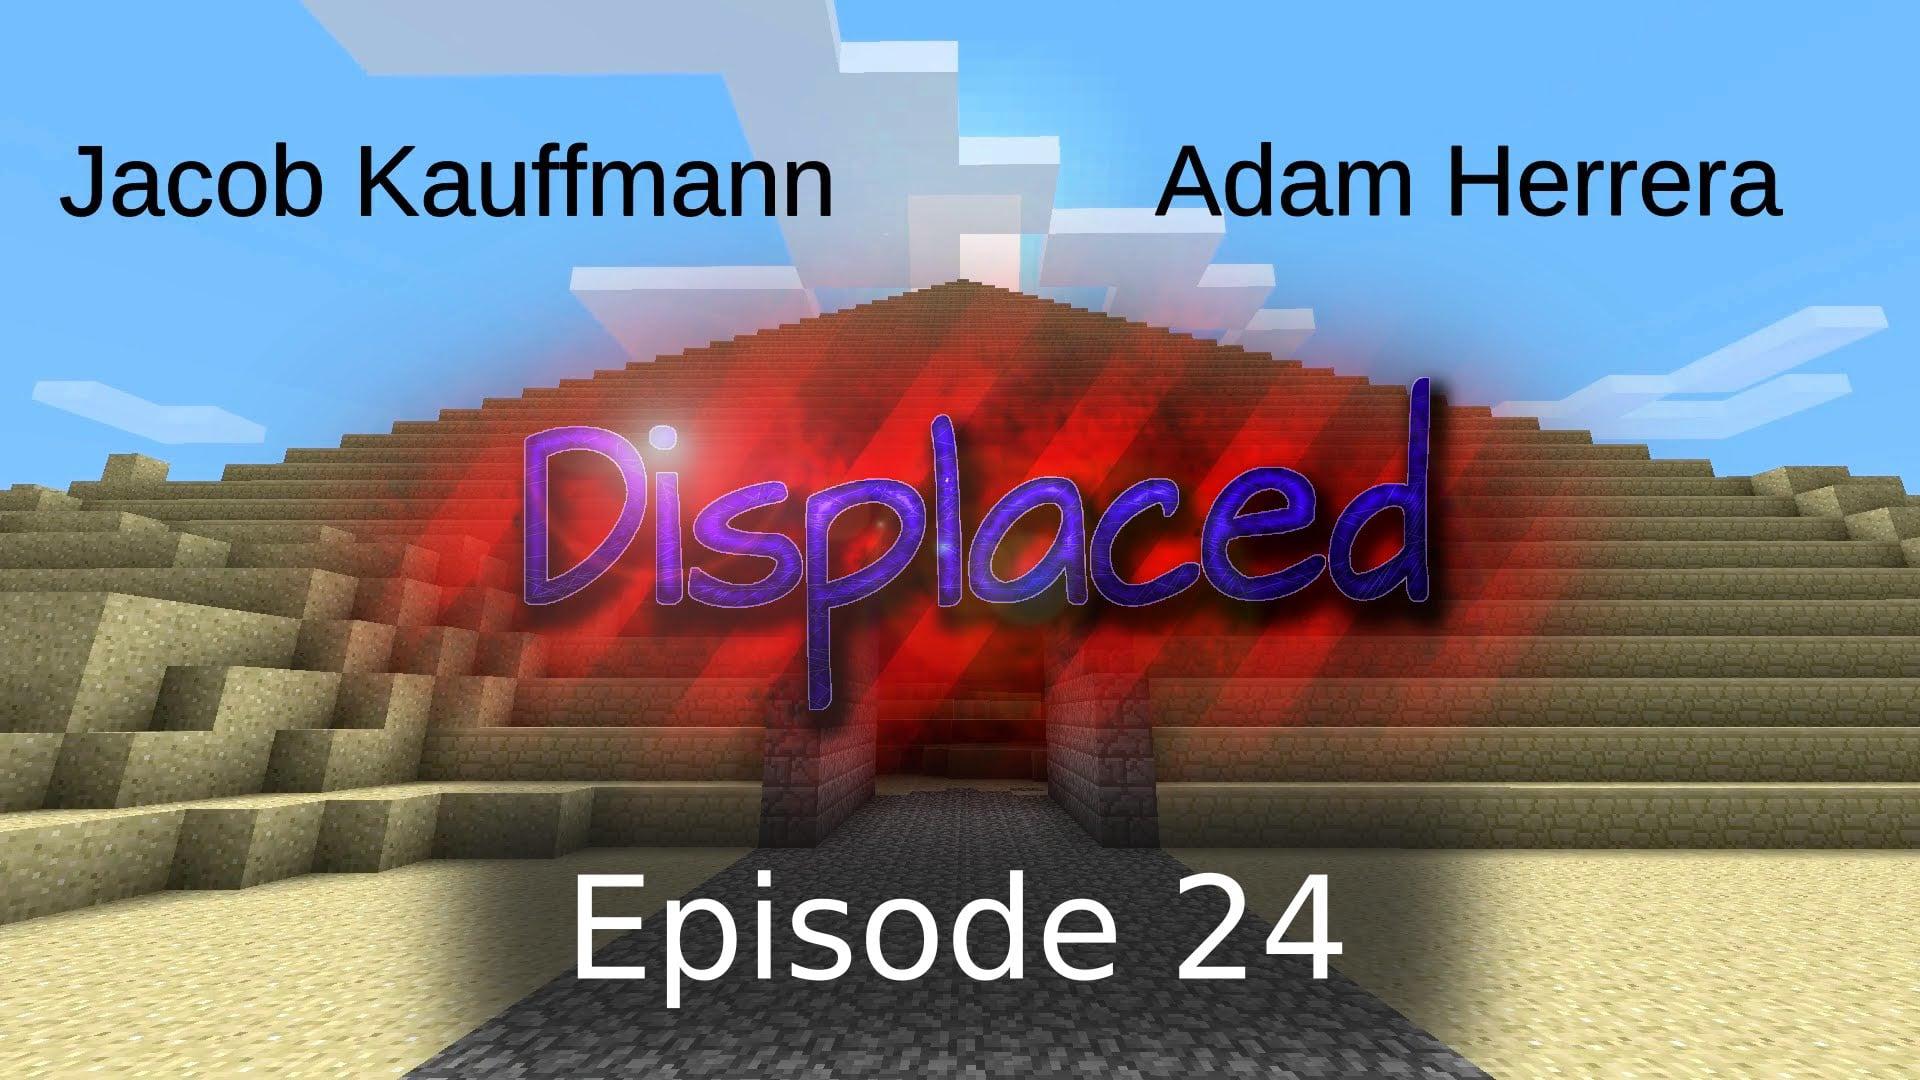 Episode 24 - Displaced